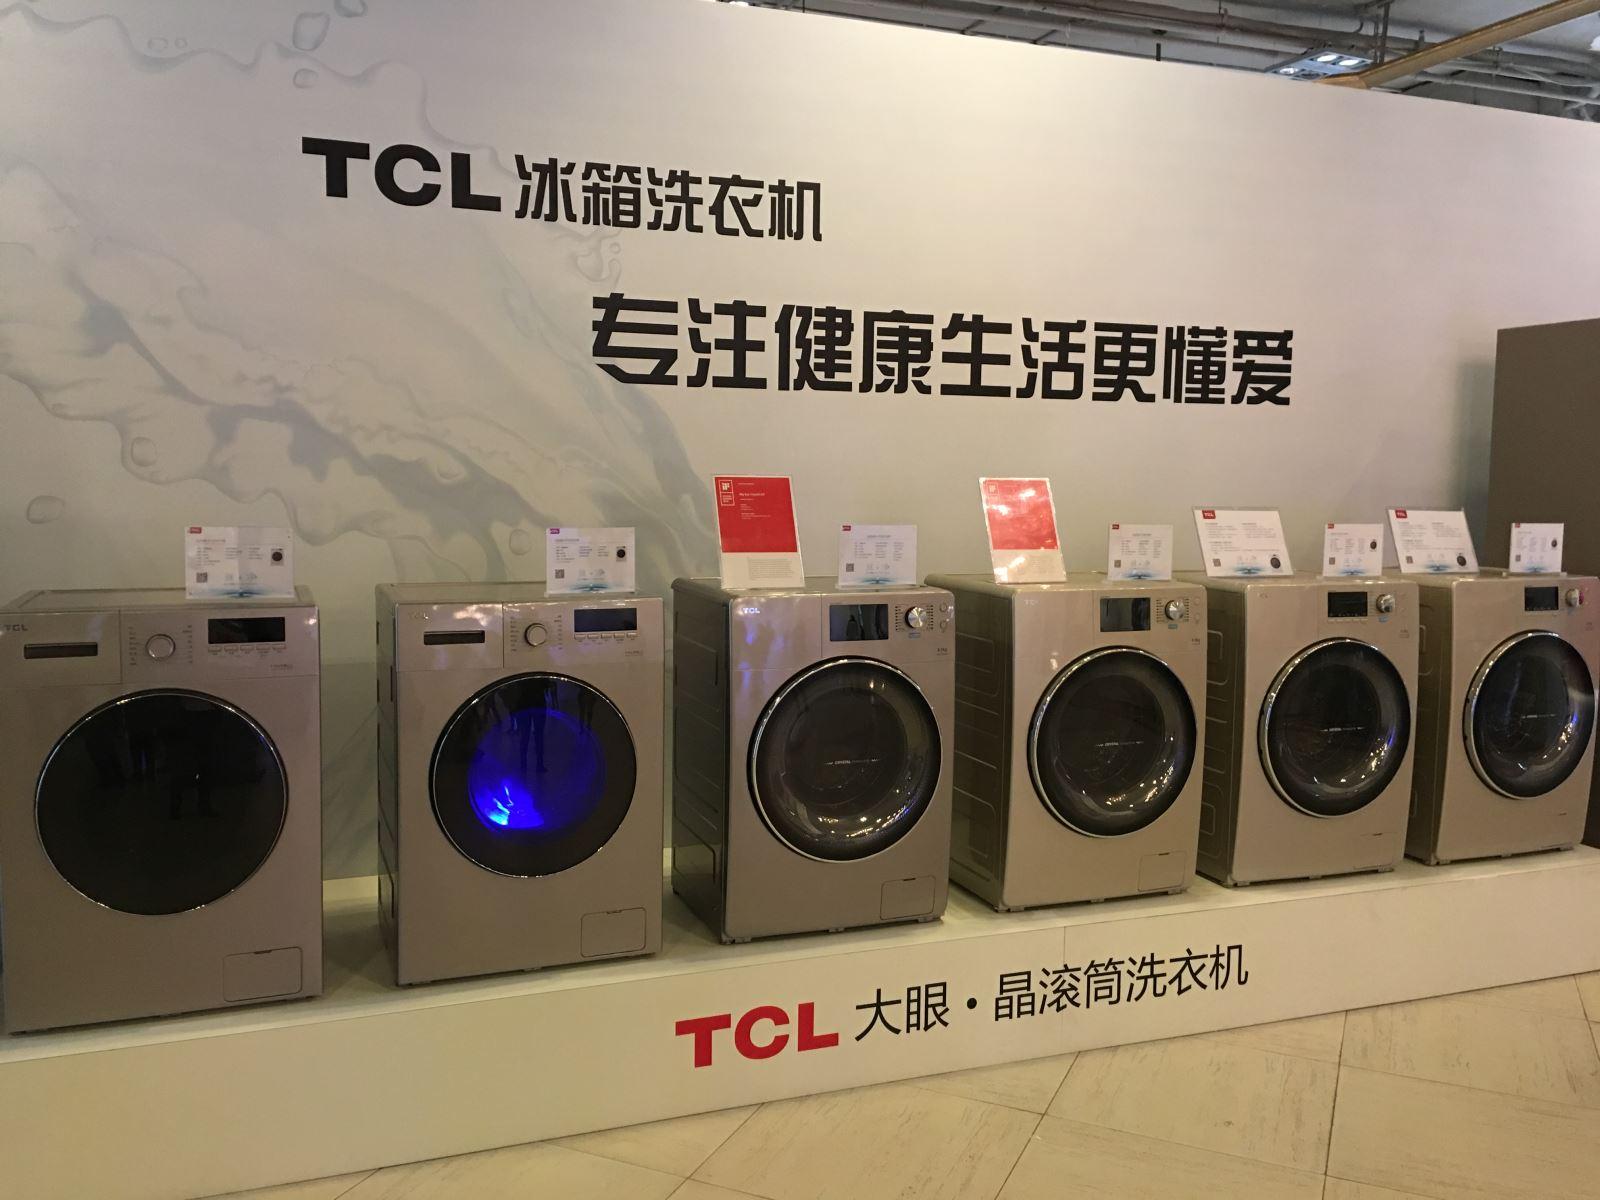 早春的上海温暖湿润,充满生机。3月7日,充满艺术气息与复古情调的上海1933老场坊内,见证着旧时光与新科技的碰撞。在现场,消费者带来的曾使用过的洗衣机内筒、波轮、筒底的展示,那些隐藏在洗衣机内部的污垢令人触目惊心,TCL免污式洗衣机的面世将其永远地变成了历史。在这里,真·净2016TCL免污式洗衣机全球首发,颠覆洗衣机内部结构,创新研发内外筒全封结构、可清洗全钢波轮和全钢桶底,使用户从此真正告别污水洗衣时代。    中国家用电器协会副理事长以及数位行业内诸多专家、知名行业媒体共同见证了T